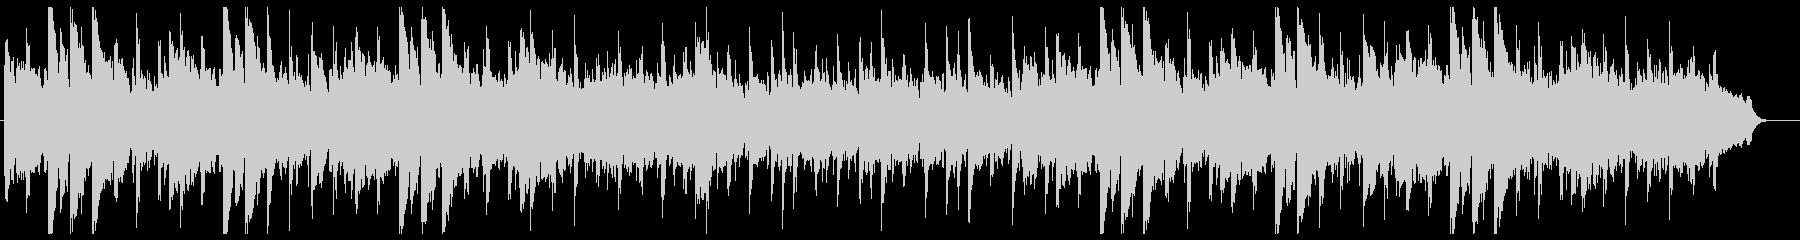 ウクレレとスティールギターのハワイアンの未再生の波形